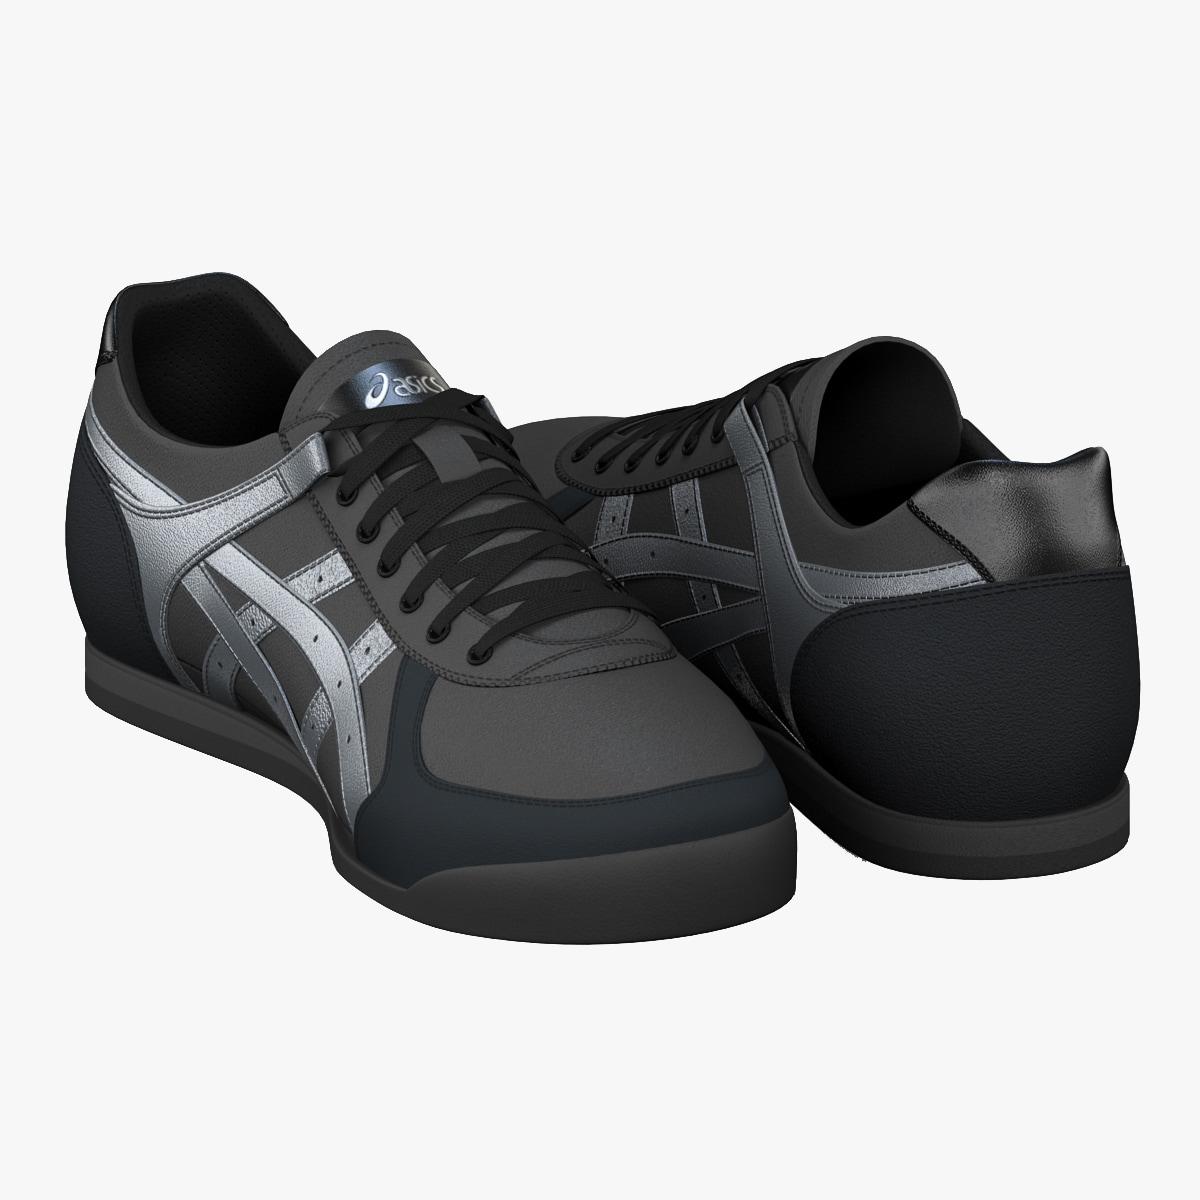 Asics_Men_Shoe_000.jpg